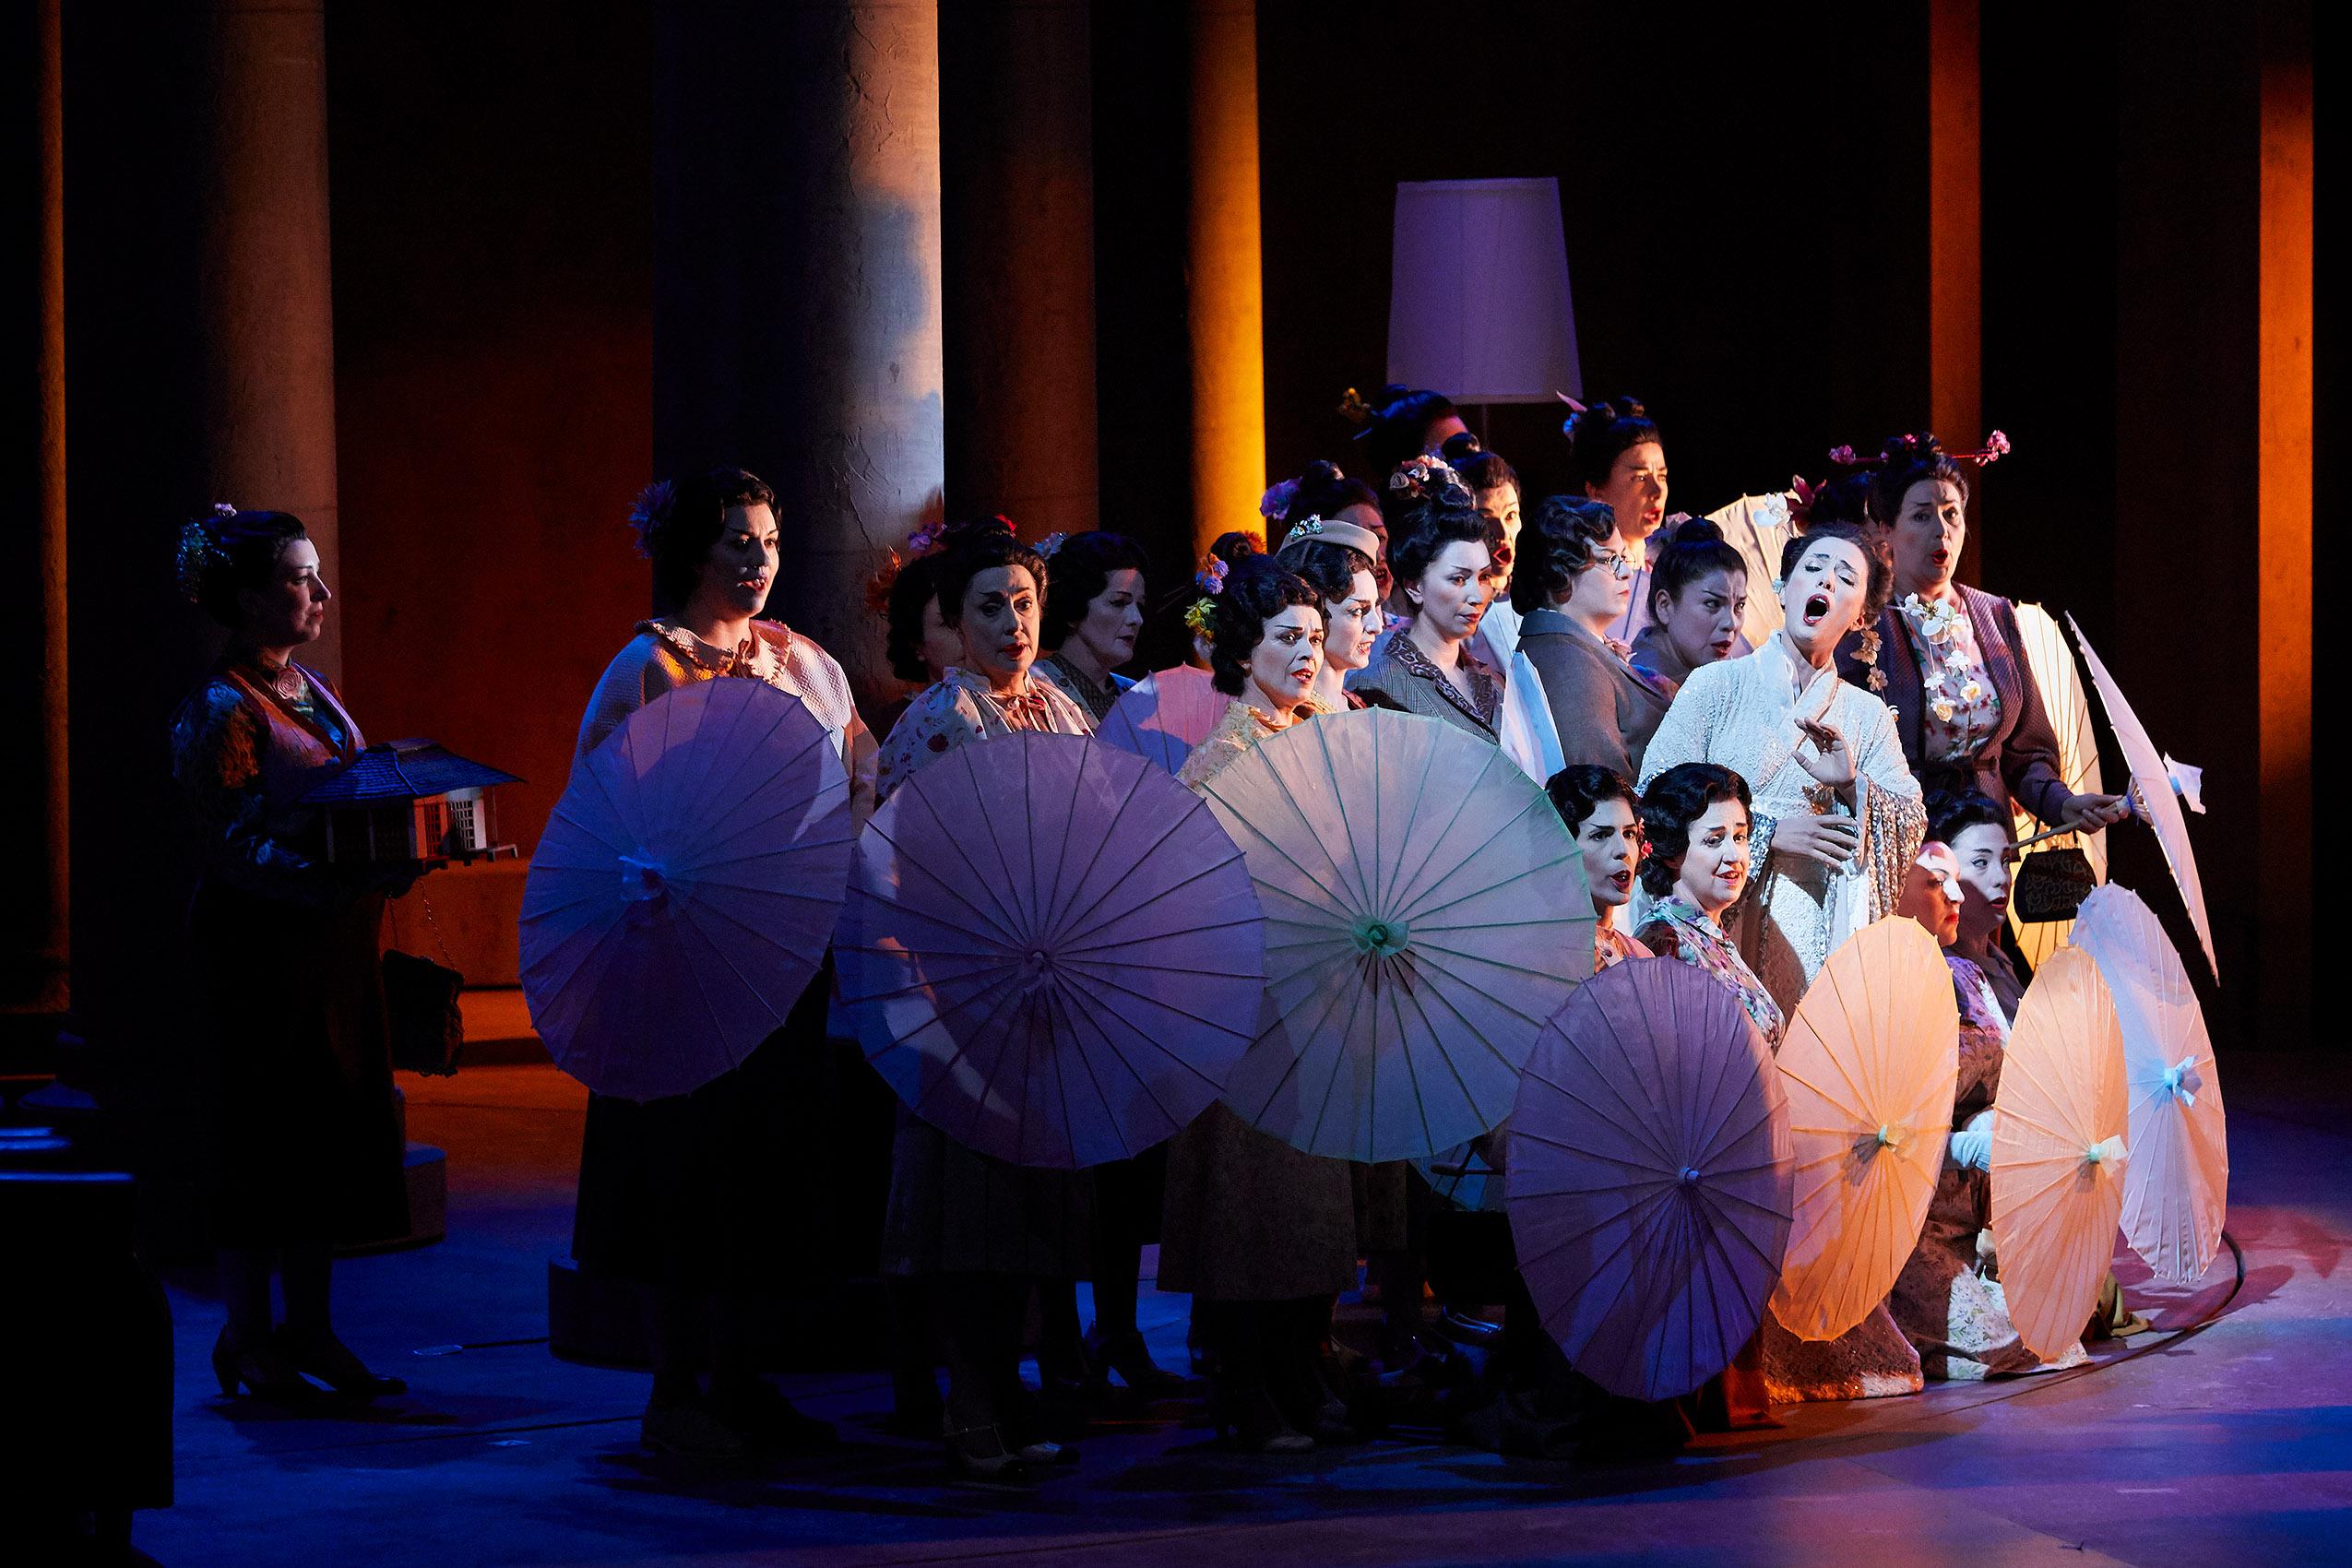 El Teatro de la Maestranza inaugura la nueva temporada con la ópera Madama Butterfly